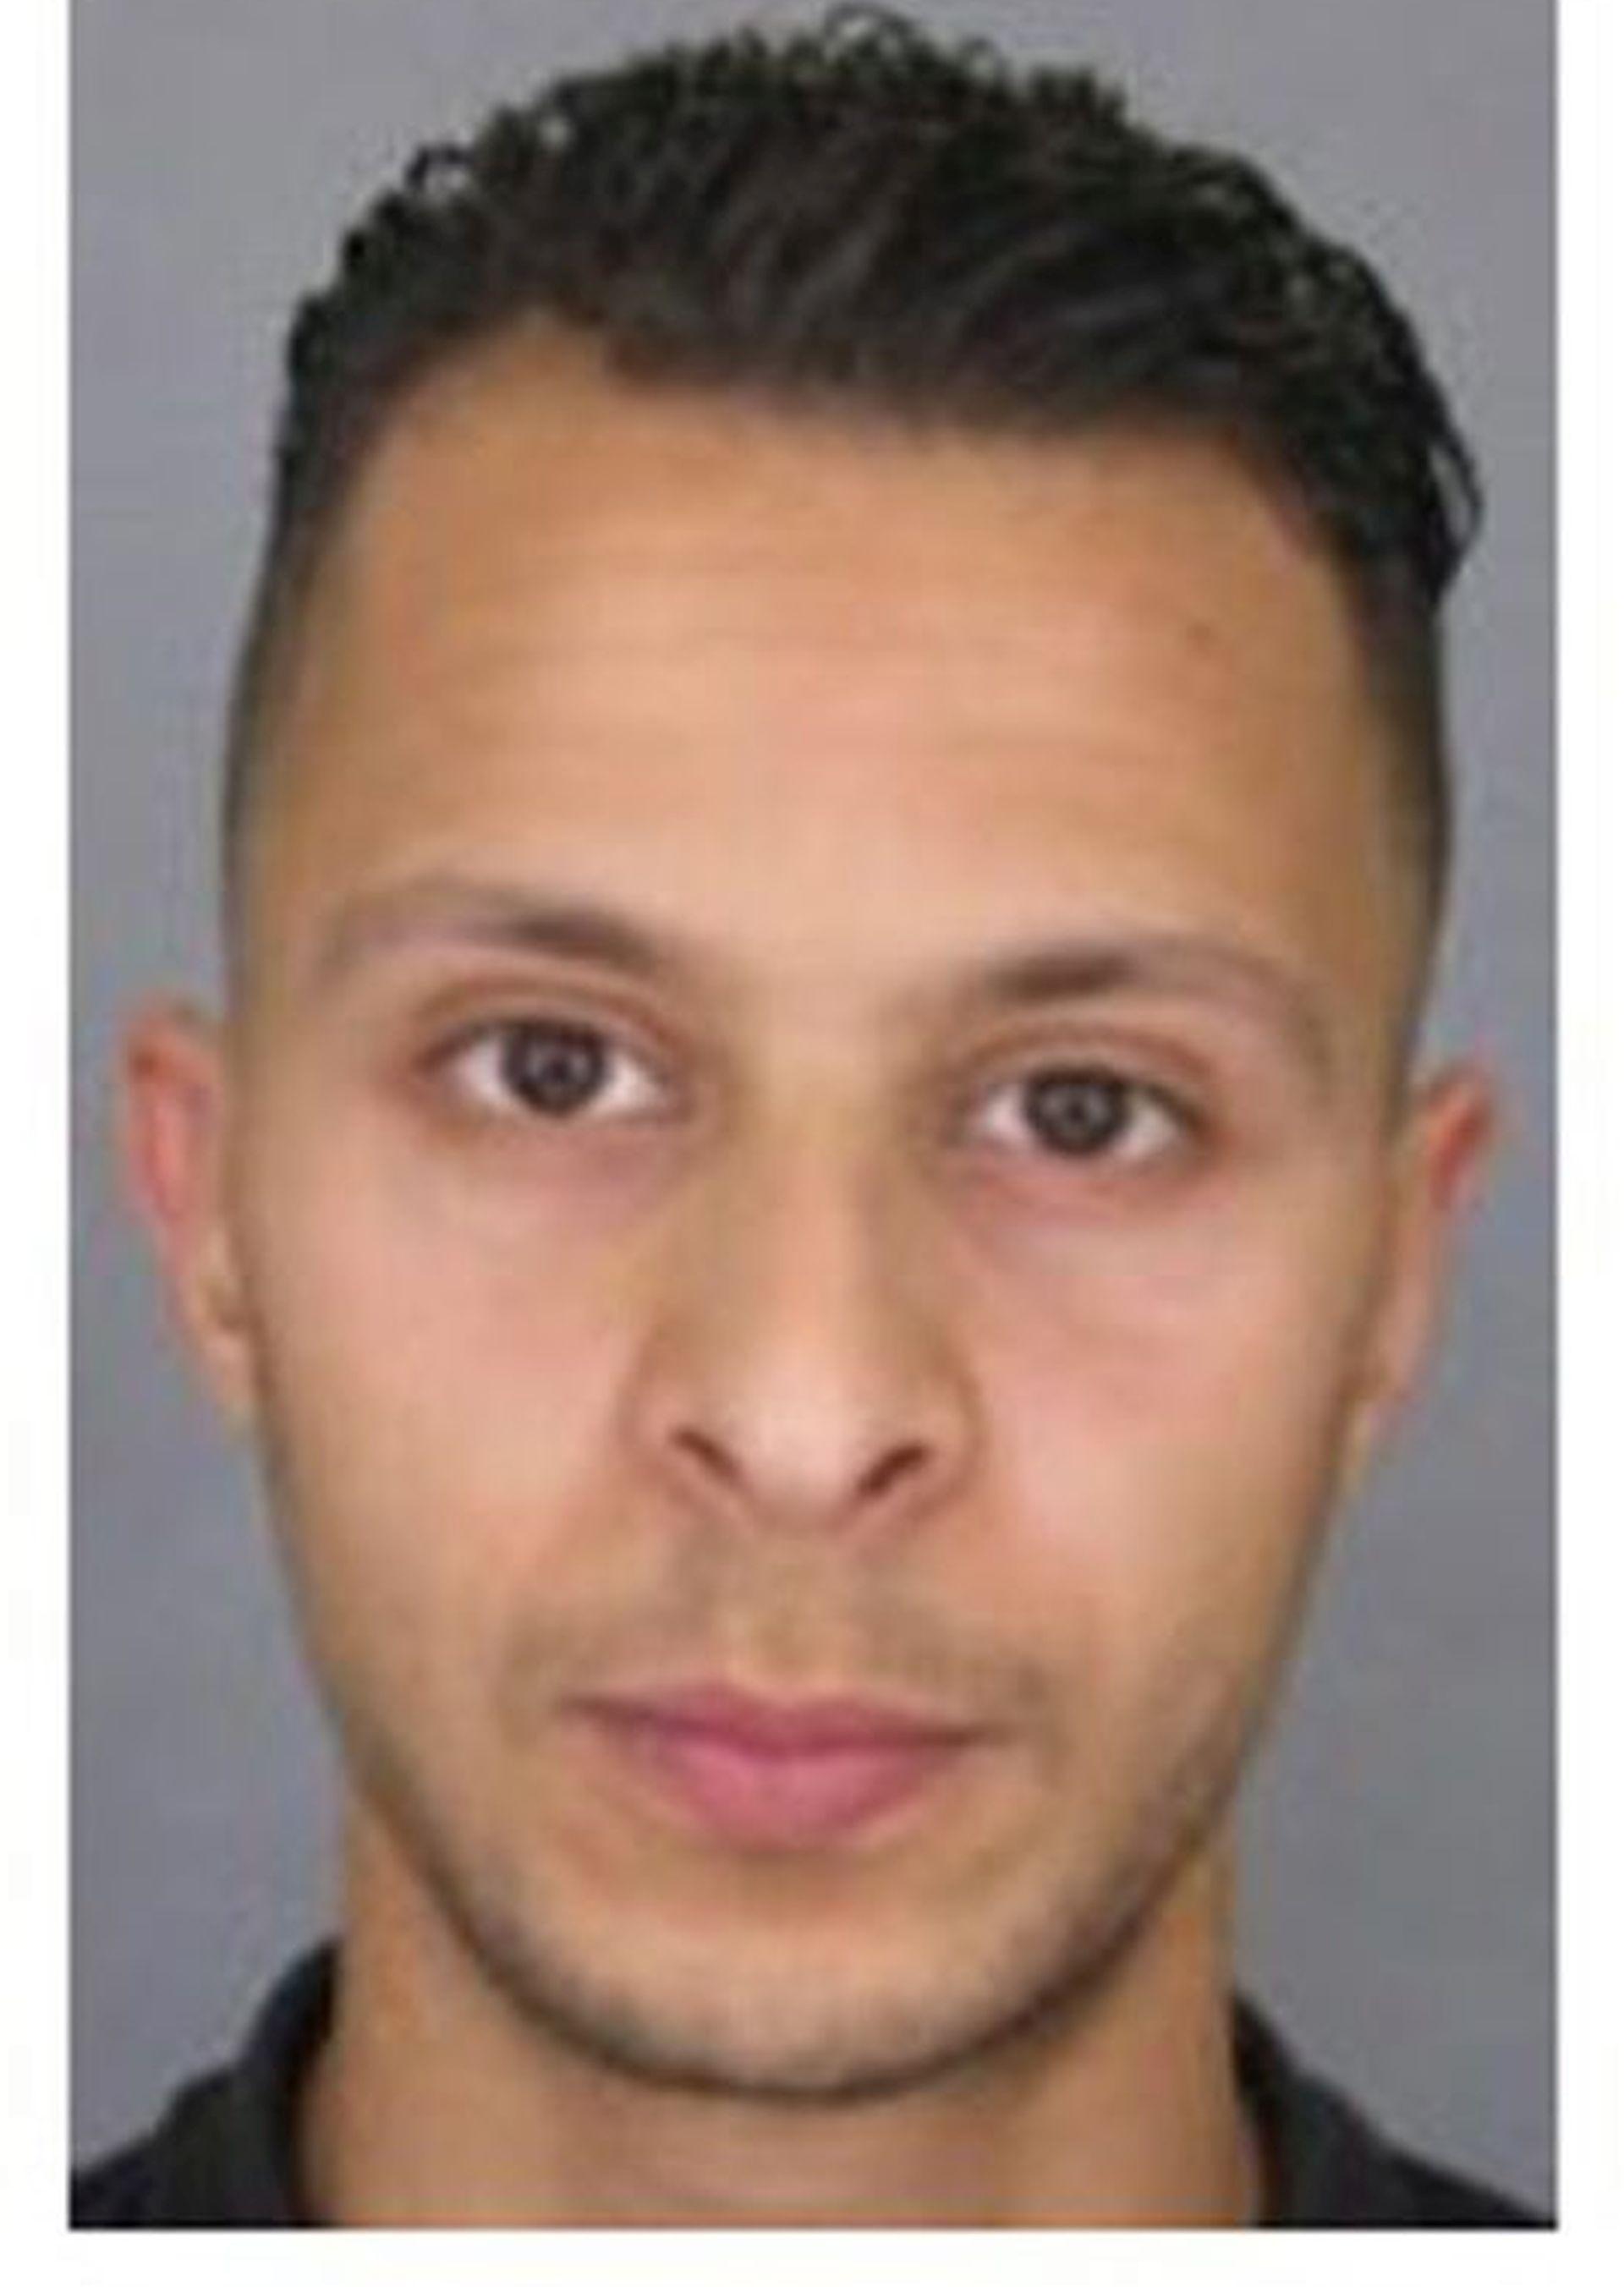 IZDANA MEĐUNARODNA TJERALICA: Policija poziva svjedoke i objavljuje fotografiju osumnjičenika